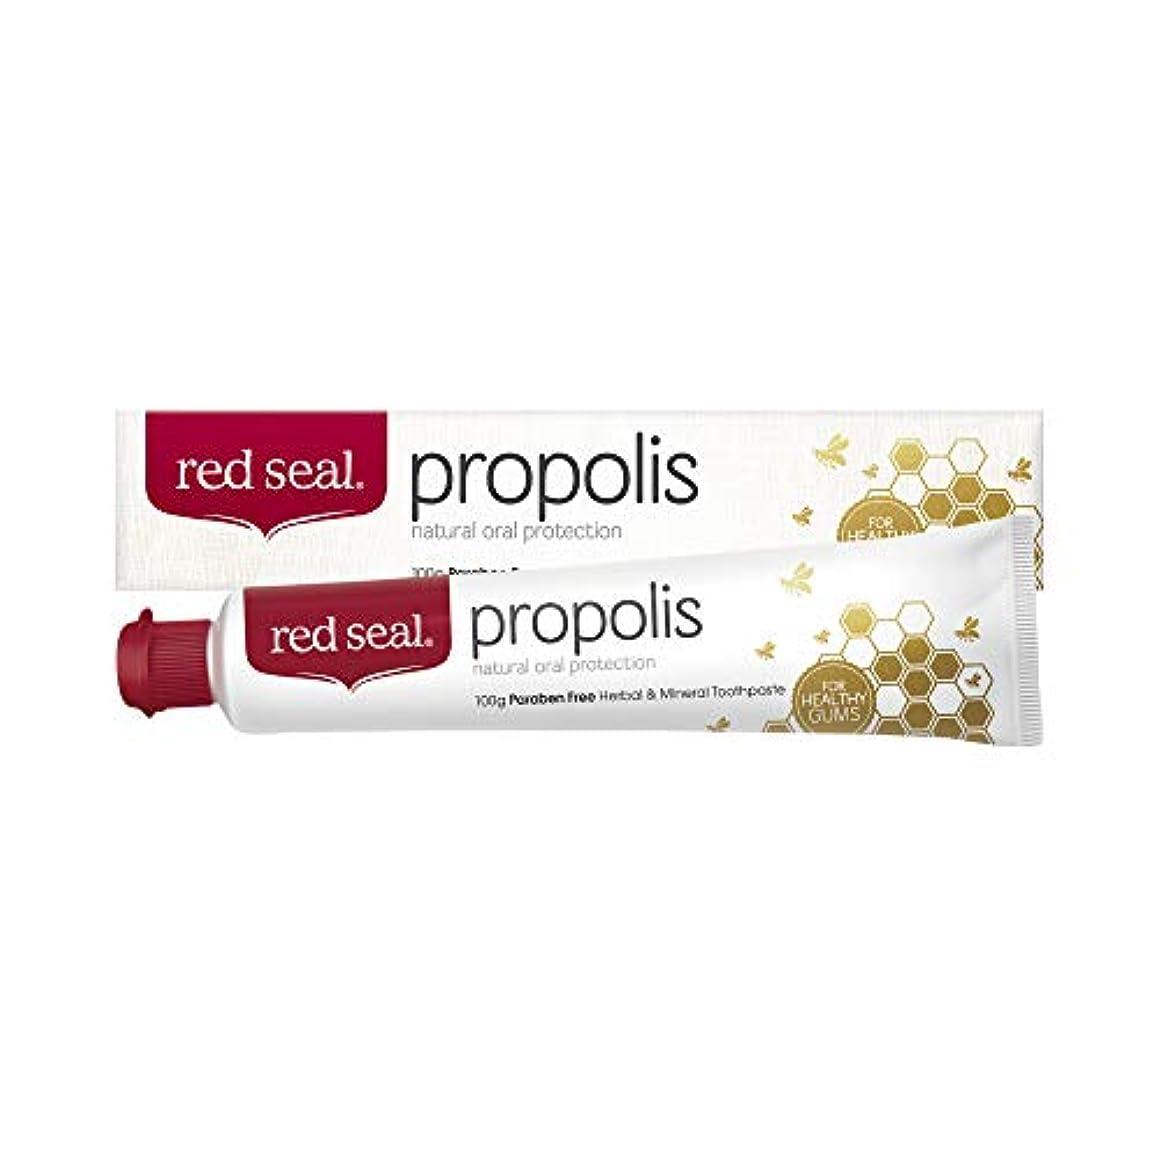 出席指令逆さまに【正規輸入商品】レッドシール 歯磨き粉 プロポリス 100g [ red seal/propolis ]